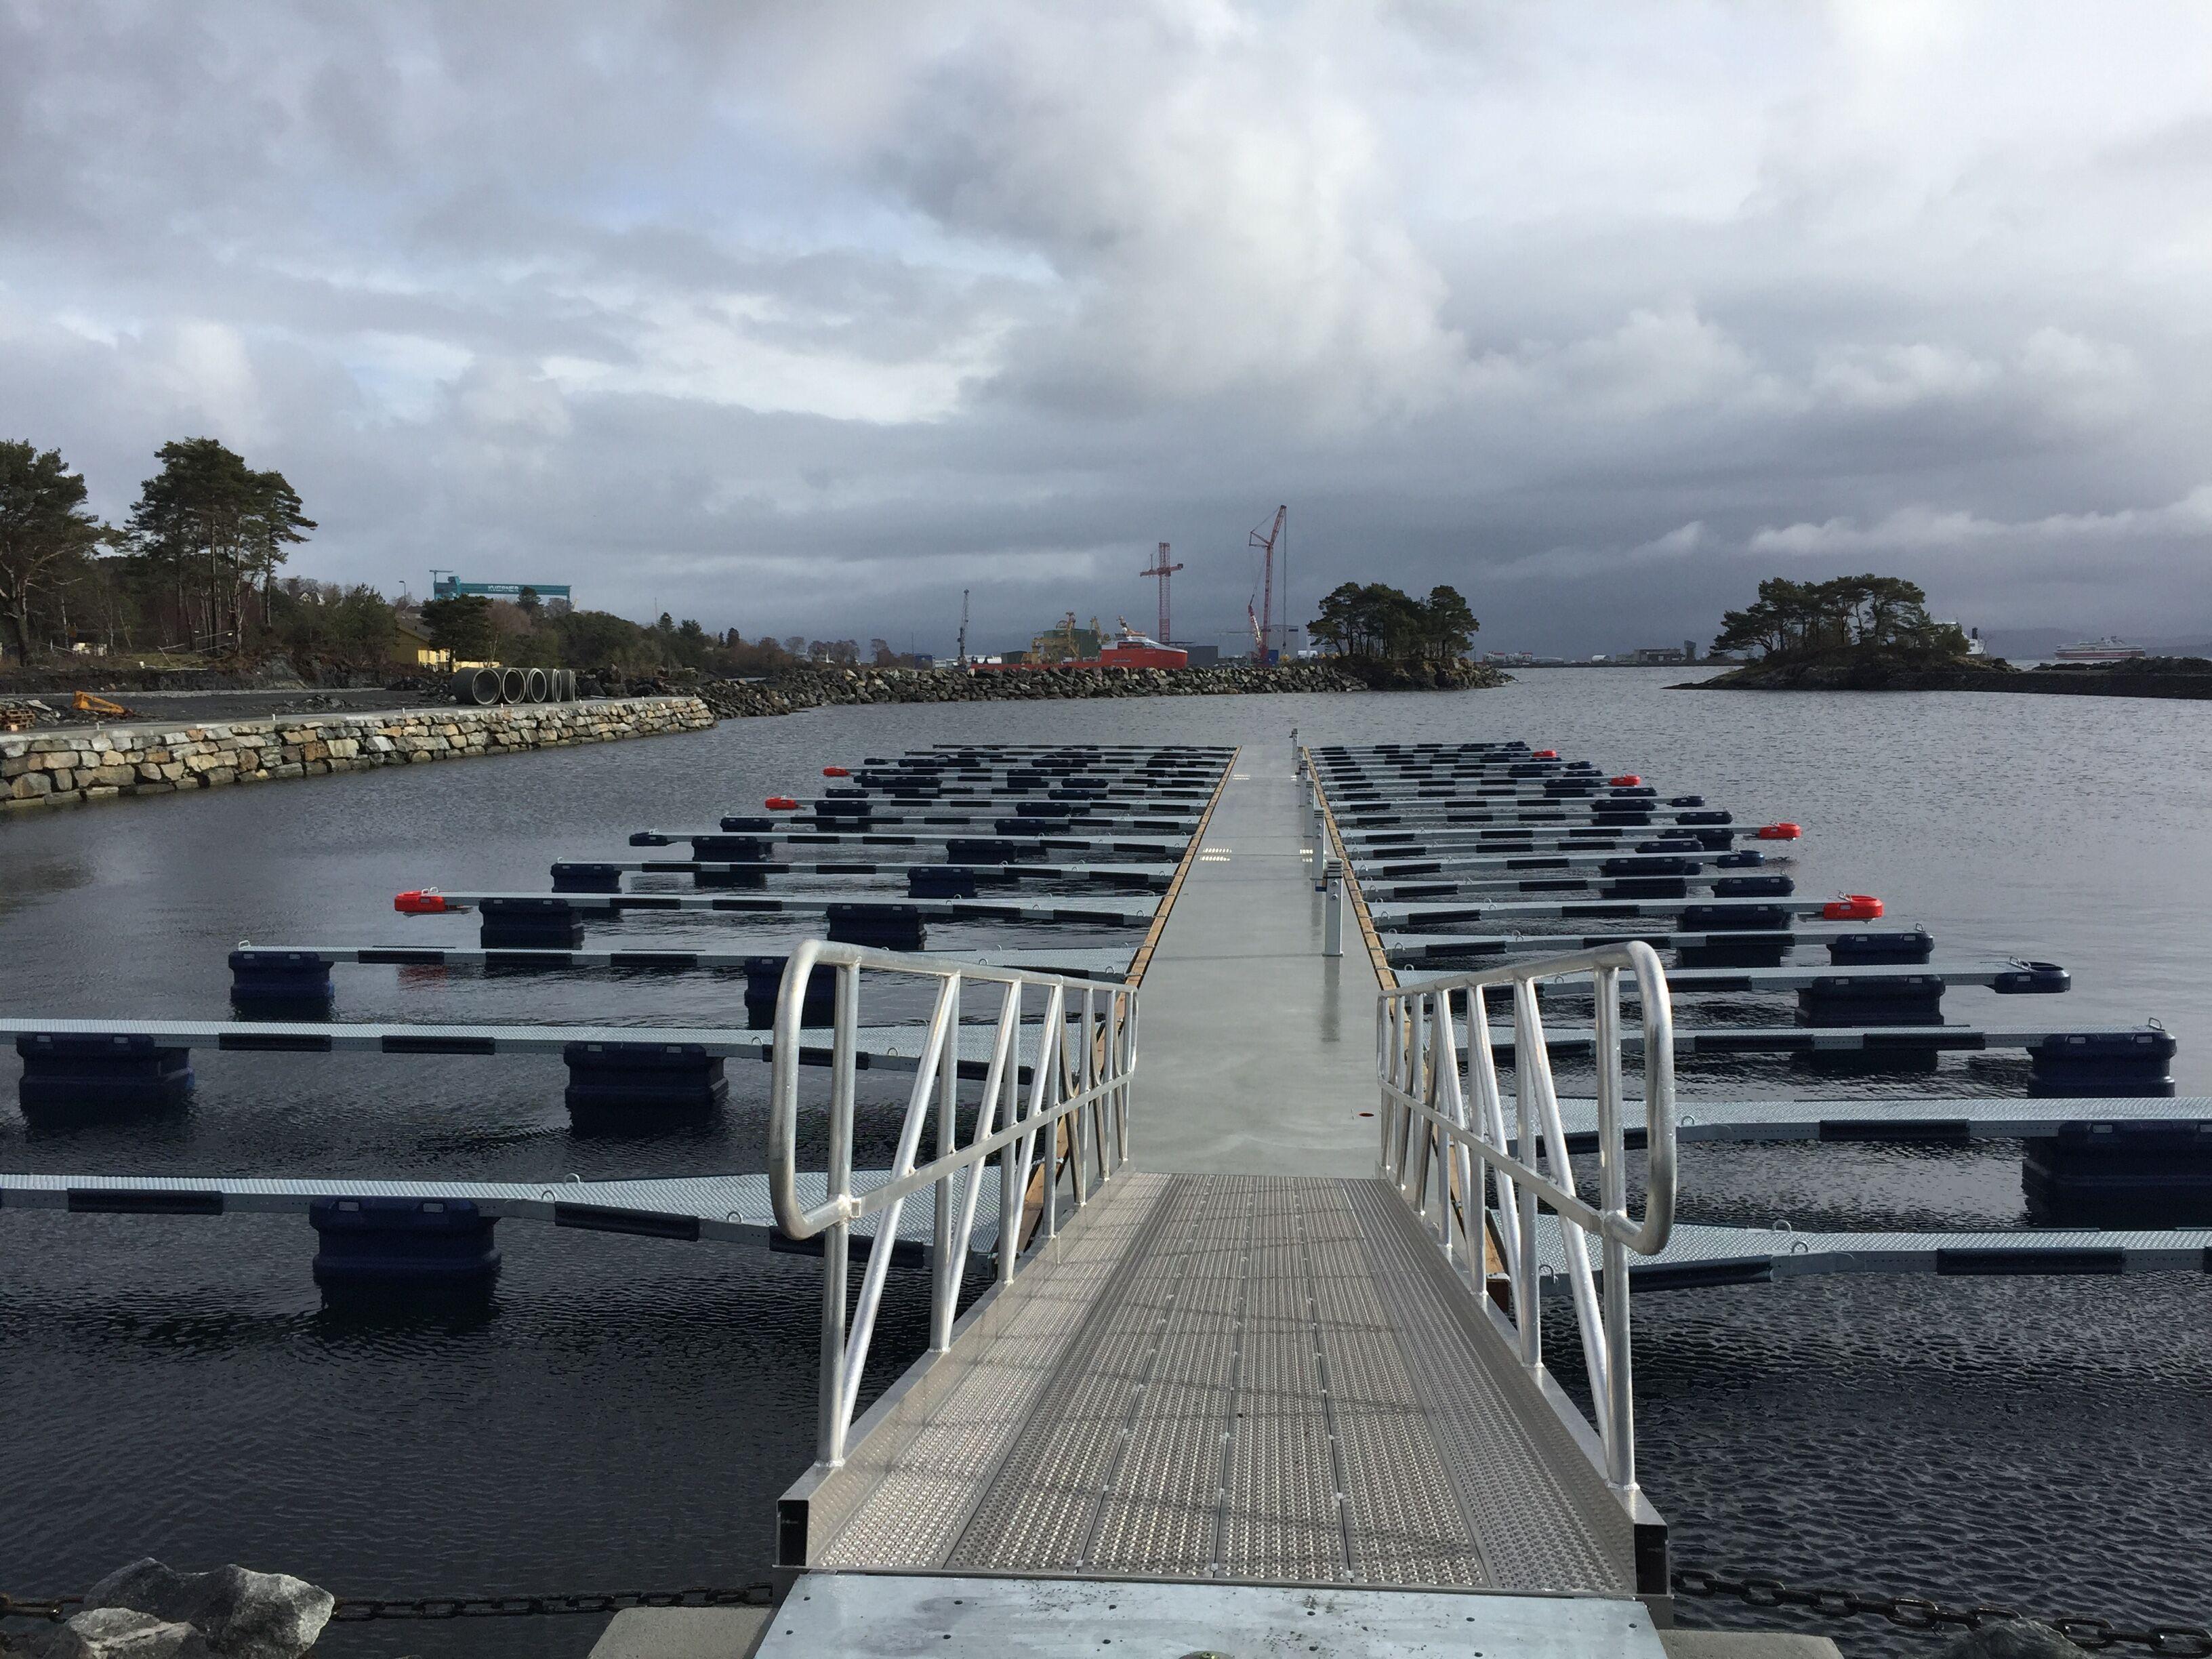 https://marinasolutions.no/uploads/Skjersholmane-Marina-Solutions-2.jpg